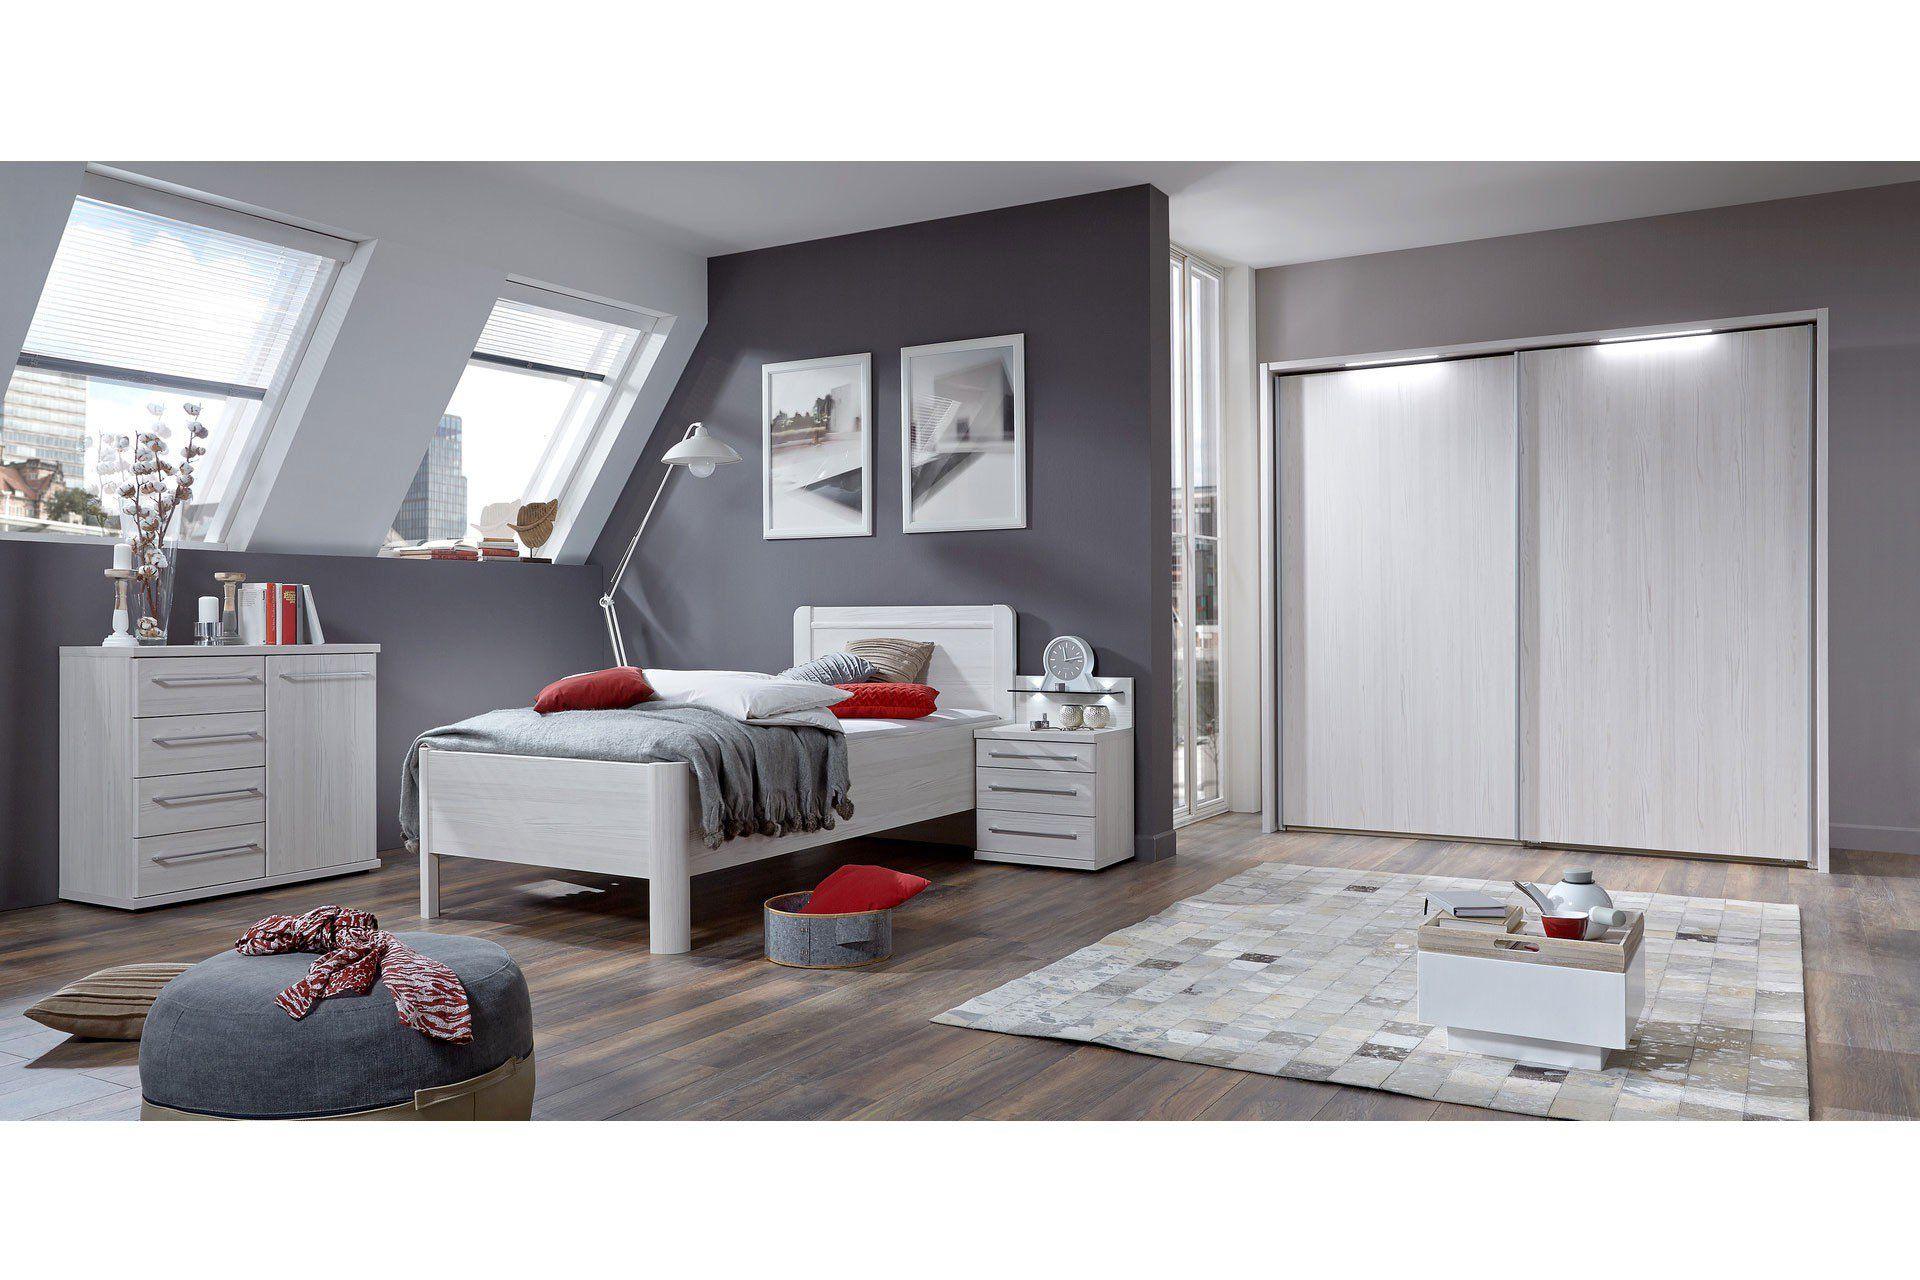 Hochglanz Schlafzimmer ~ Schlafzimmer komplett saragossa hochglanz schwarzweiss montana